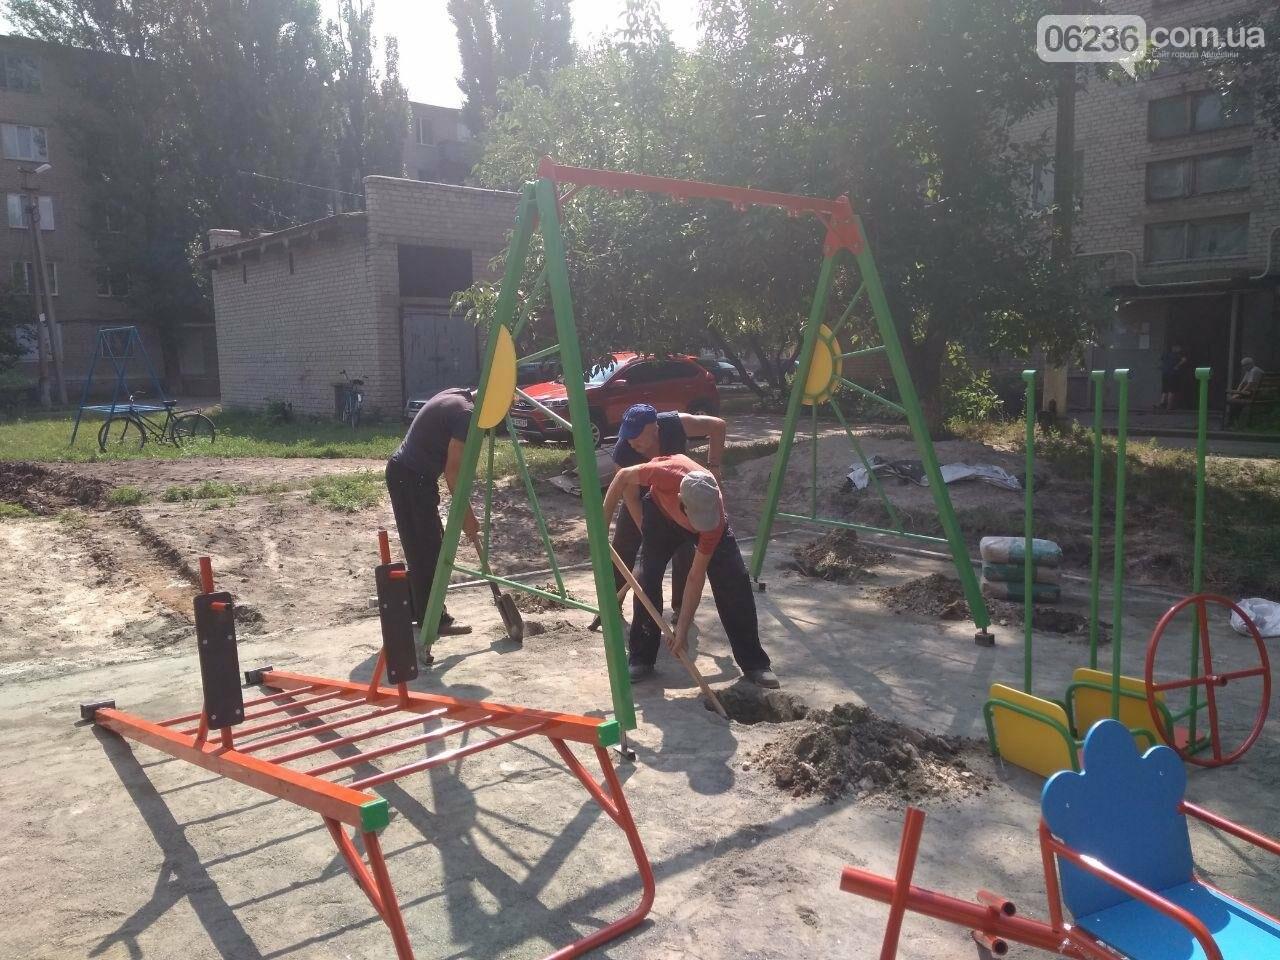 В Авдеевке приступили к монтажу современной детской площадки (ФОТОФАКТ), фото-3